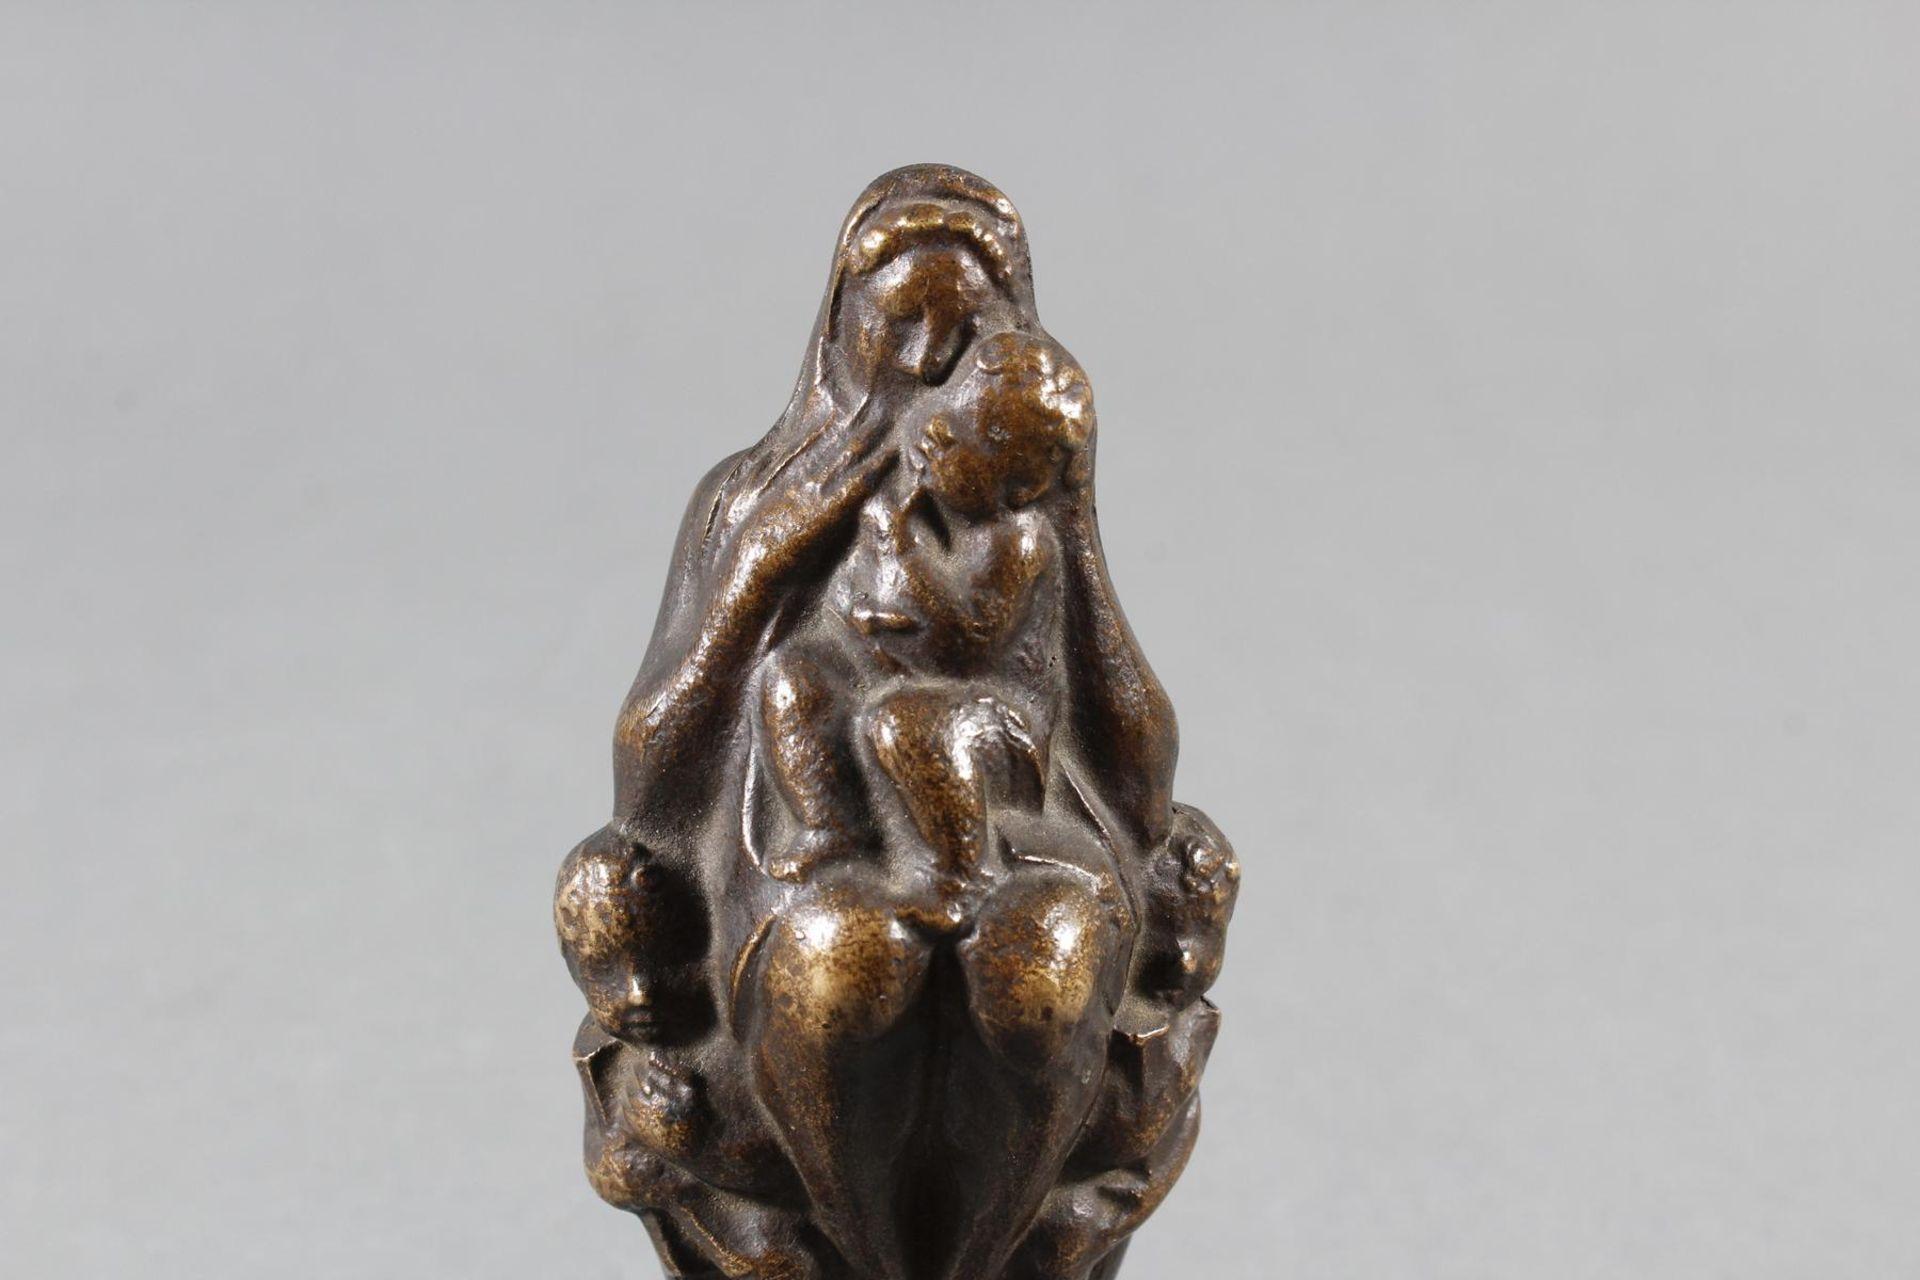 Bronzeskulptur, Mutter mit Kindern, Georg Wrba (1872-1939) um 1920 - Bild 6 aus 8